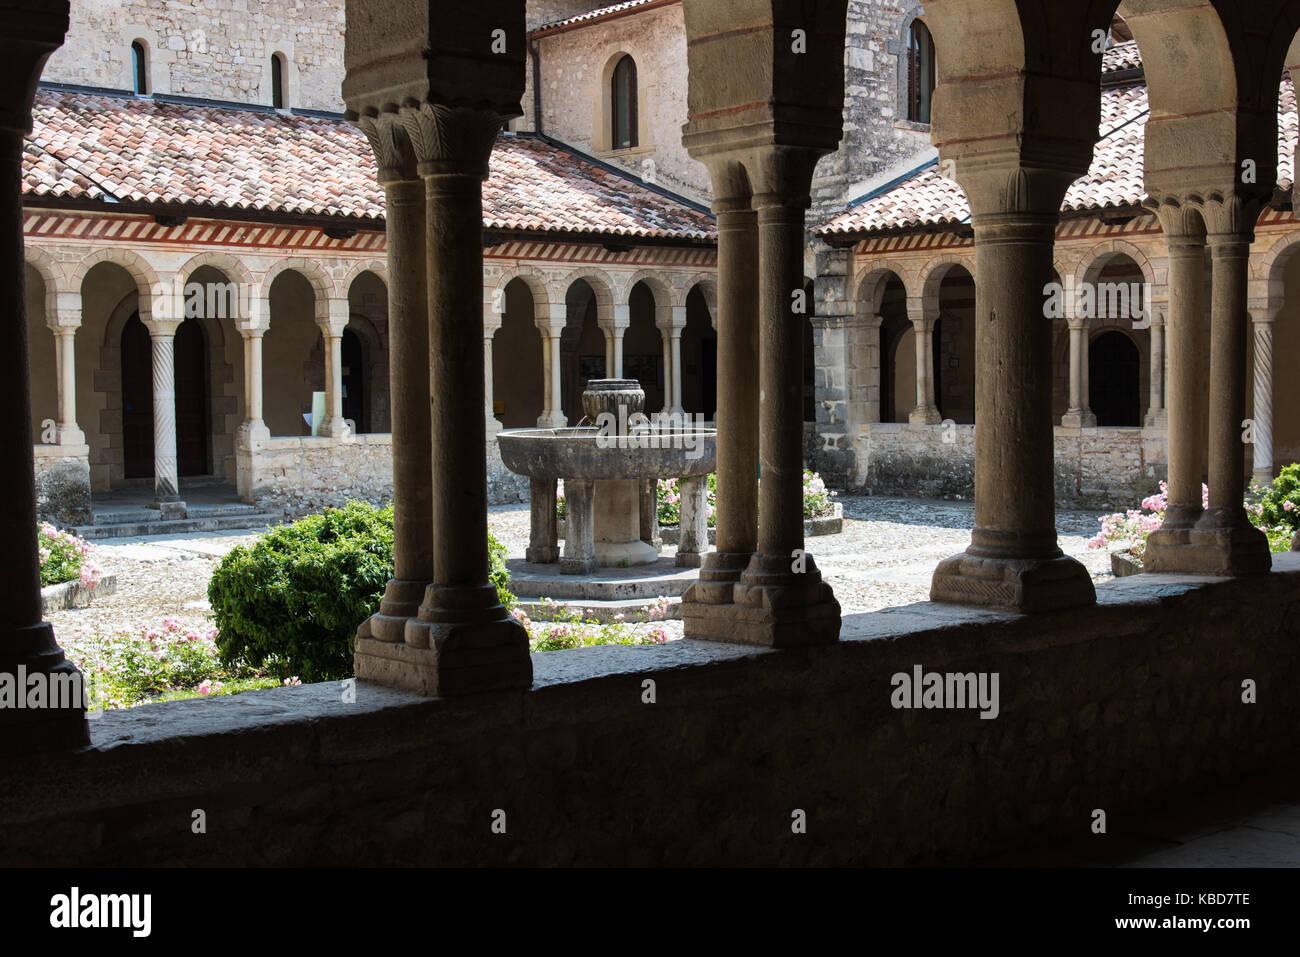 Kunst in der alten Abtei von follina. Stockfoto